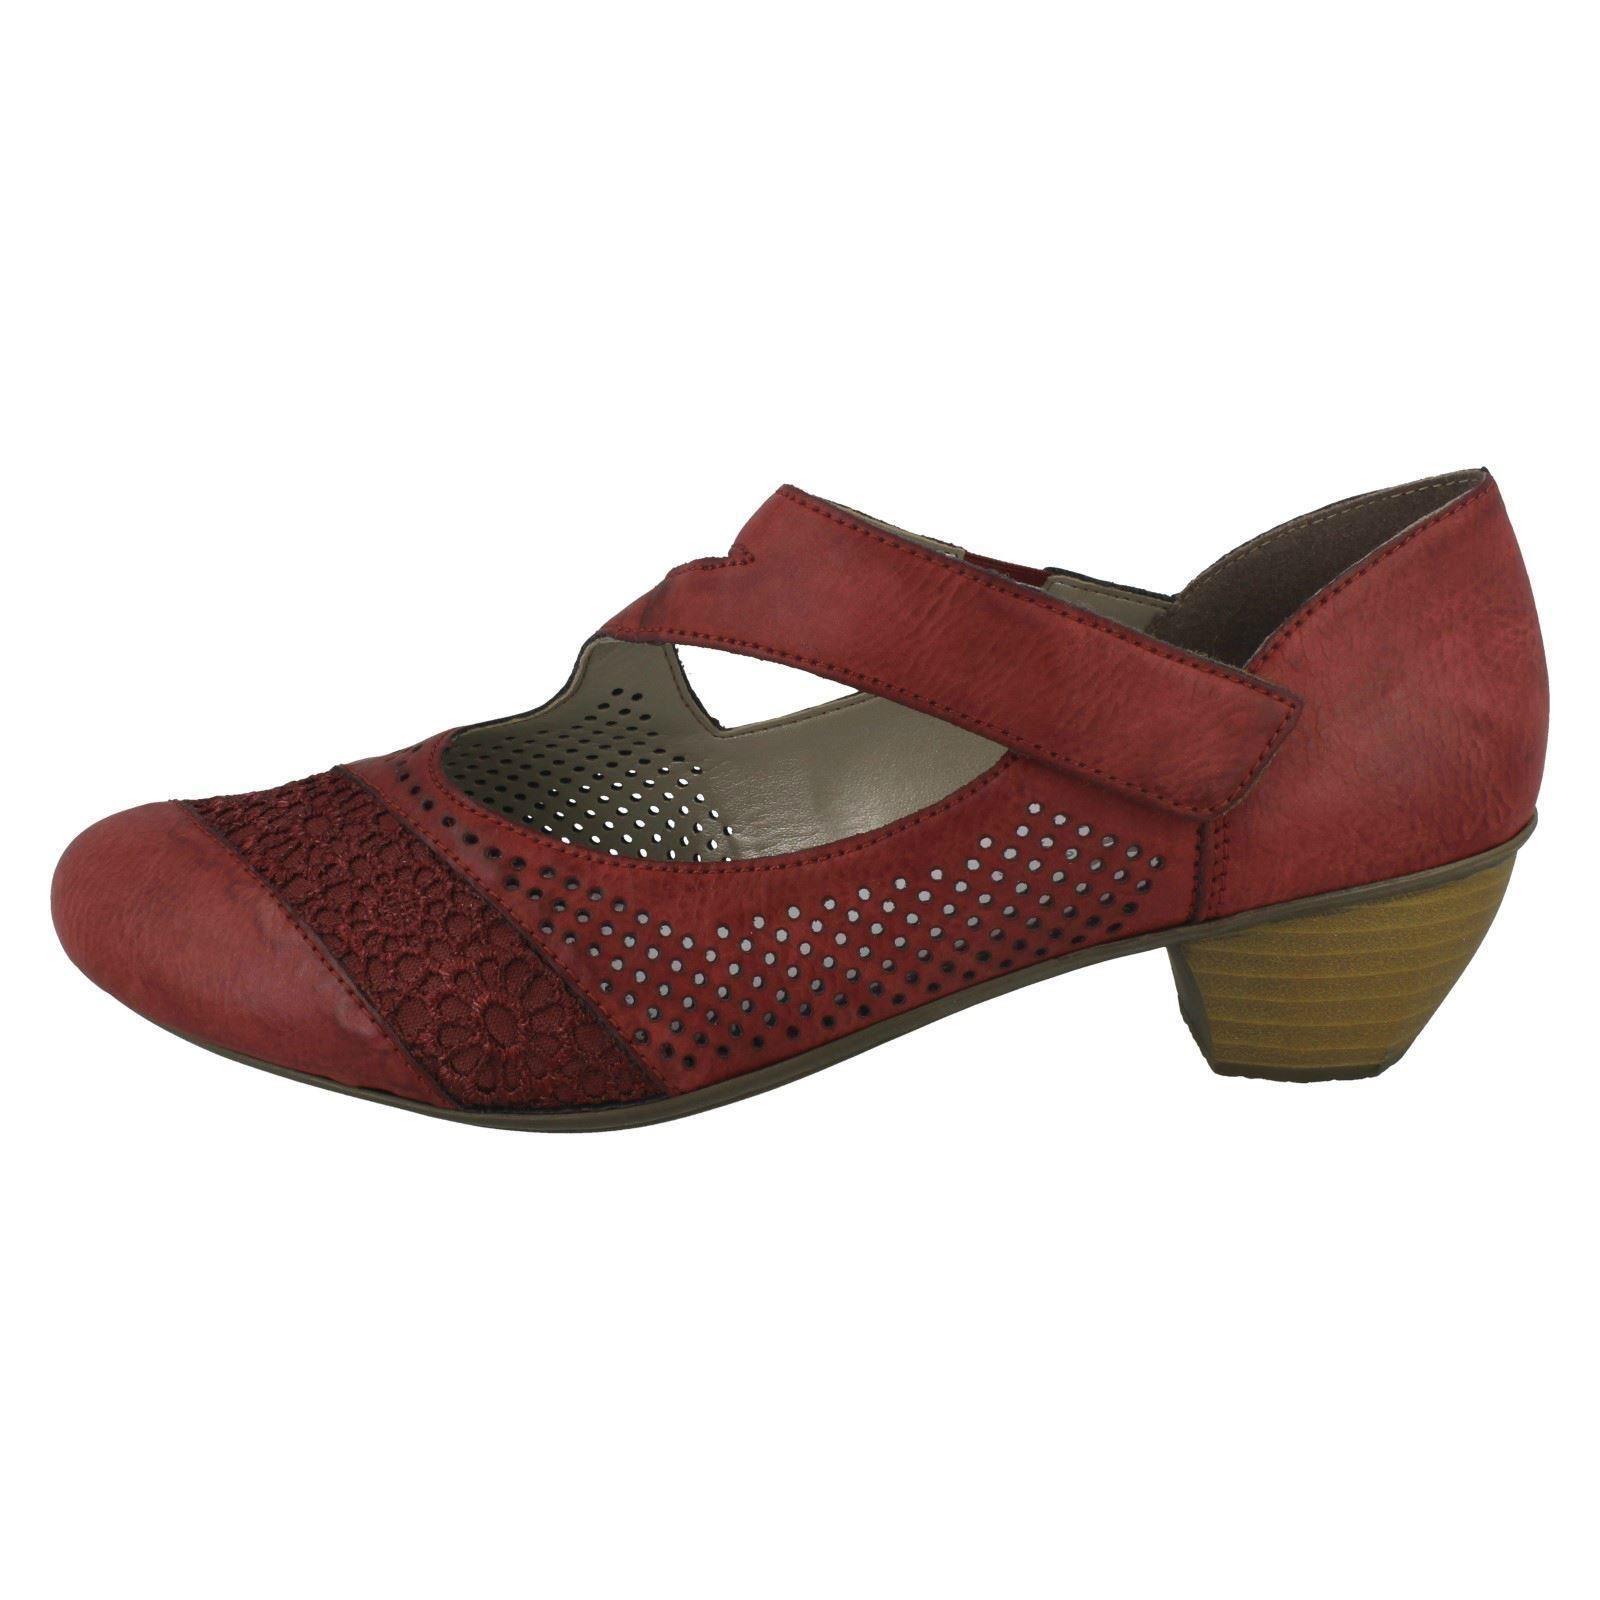 Da Donna Rieker Formale Scarpe Scarpe Scarpe Mary Jane Stile 41743 1e87e8